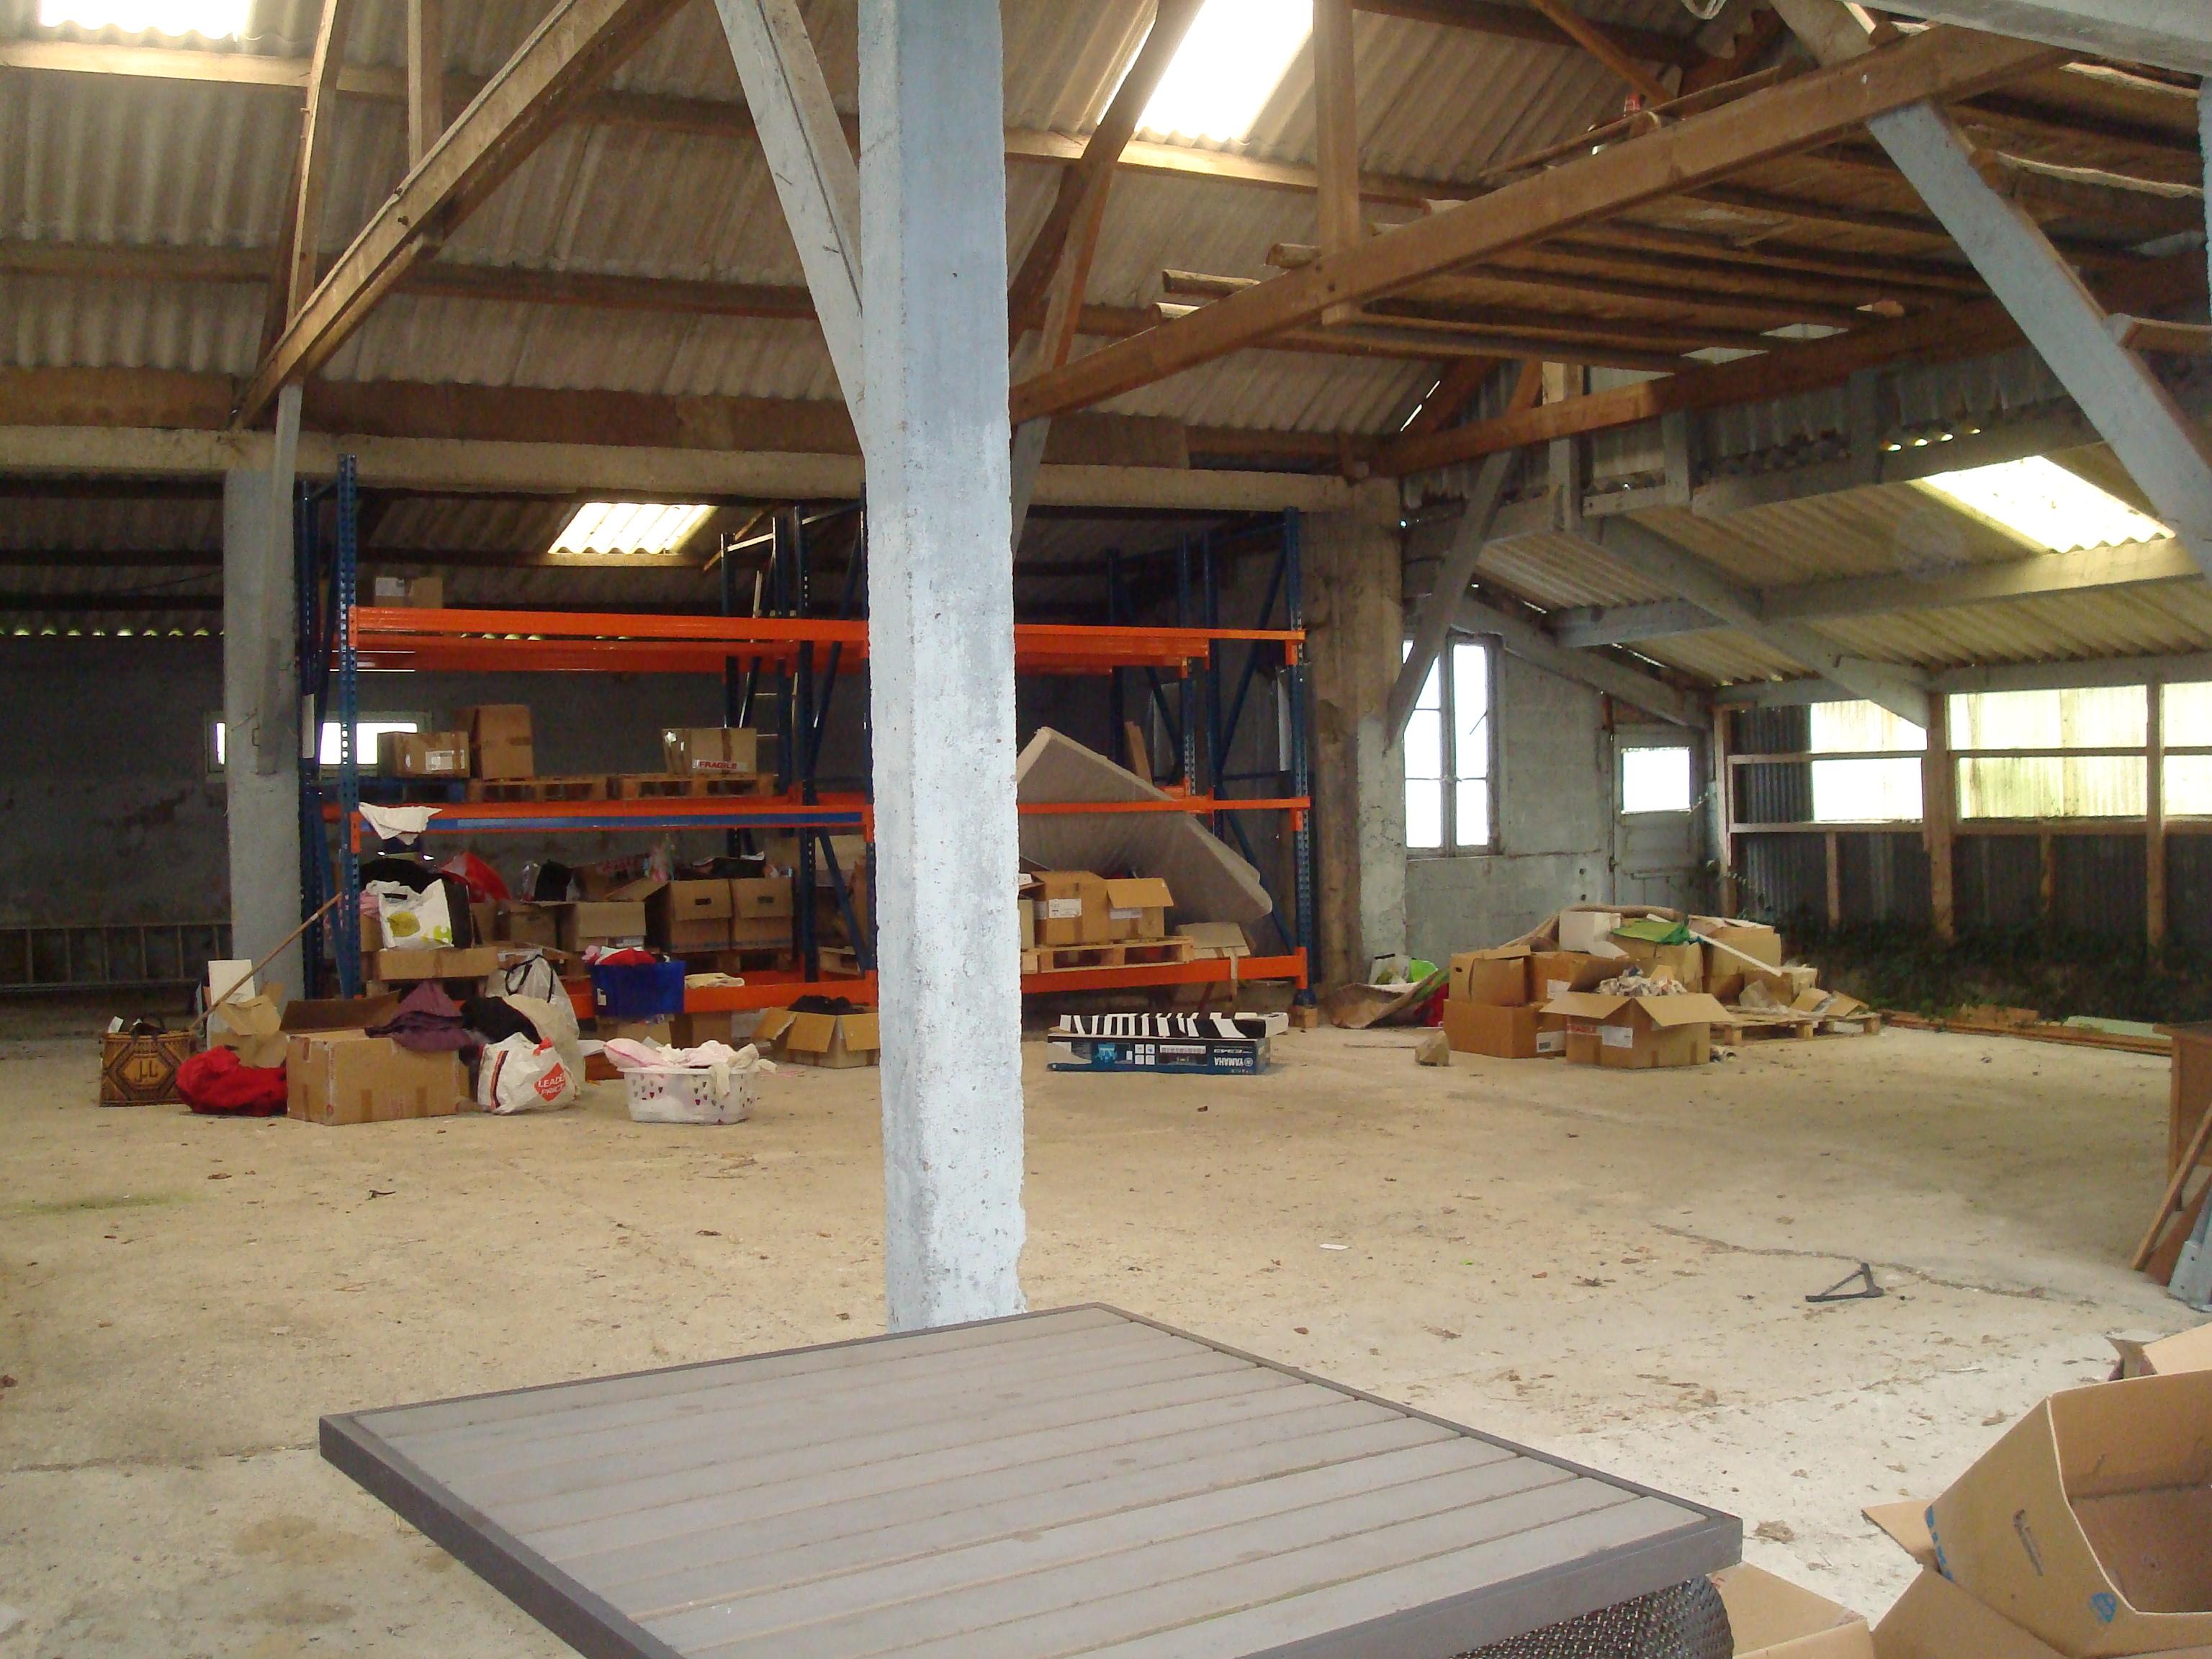 Corps de ferme brest rive droite 229 990 fai brest appartement maison - Hangar d occasion a acheter ...